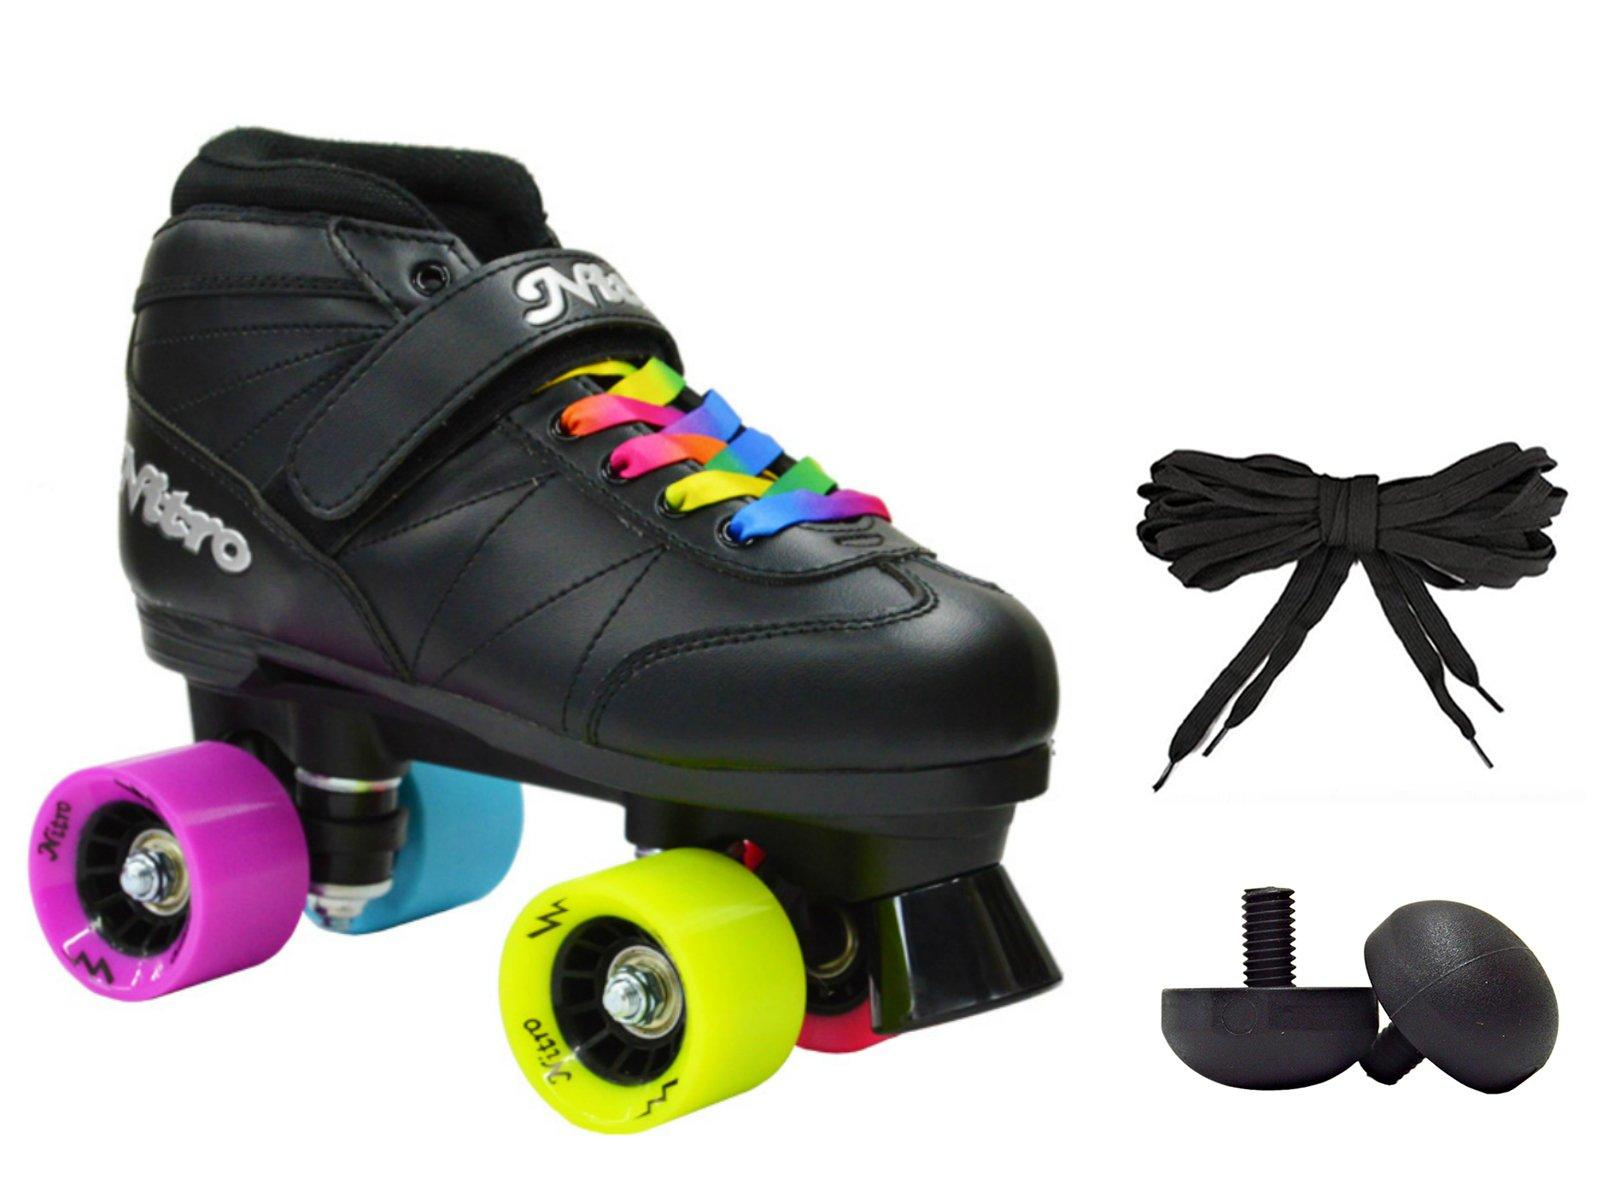 New! Epic Super Nitro Rainbow Indoor Quad Roller Speed Skates w/2 Pair of Laces (Rainbow & Black) Bonus Jam Plugs & Toe Stops! (Youth 3)